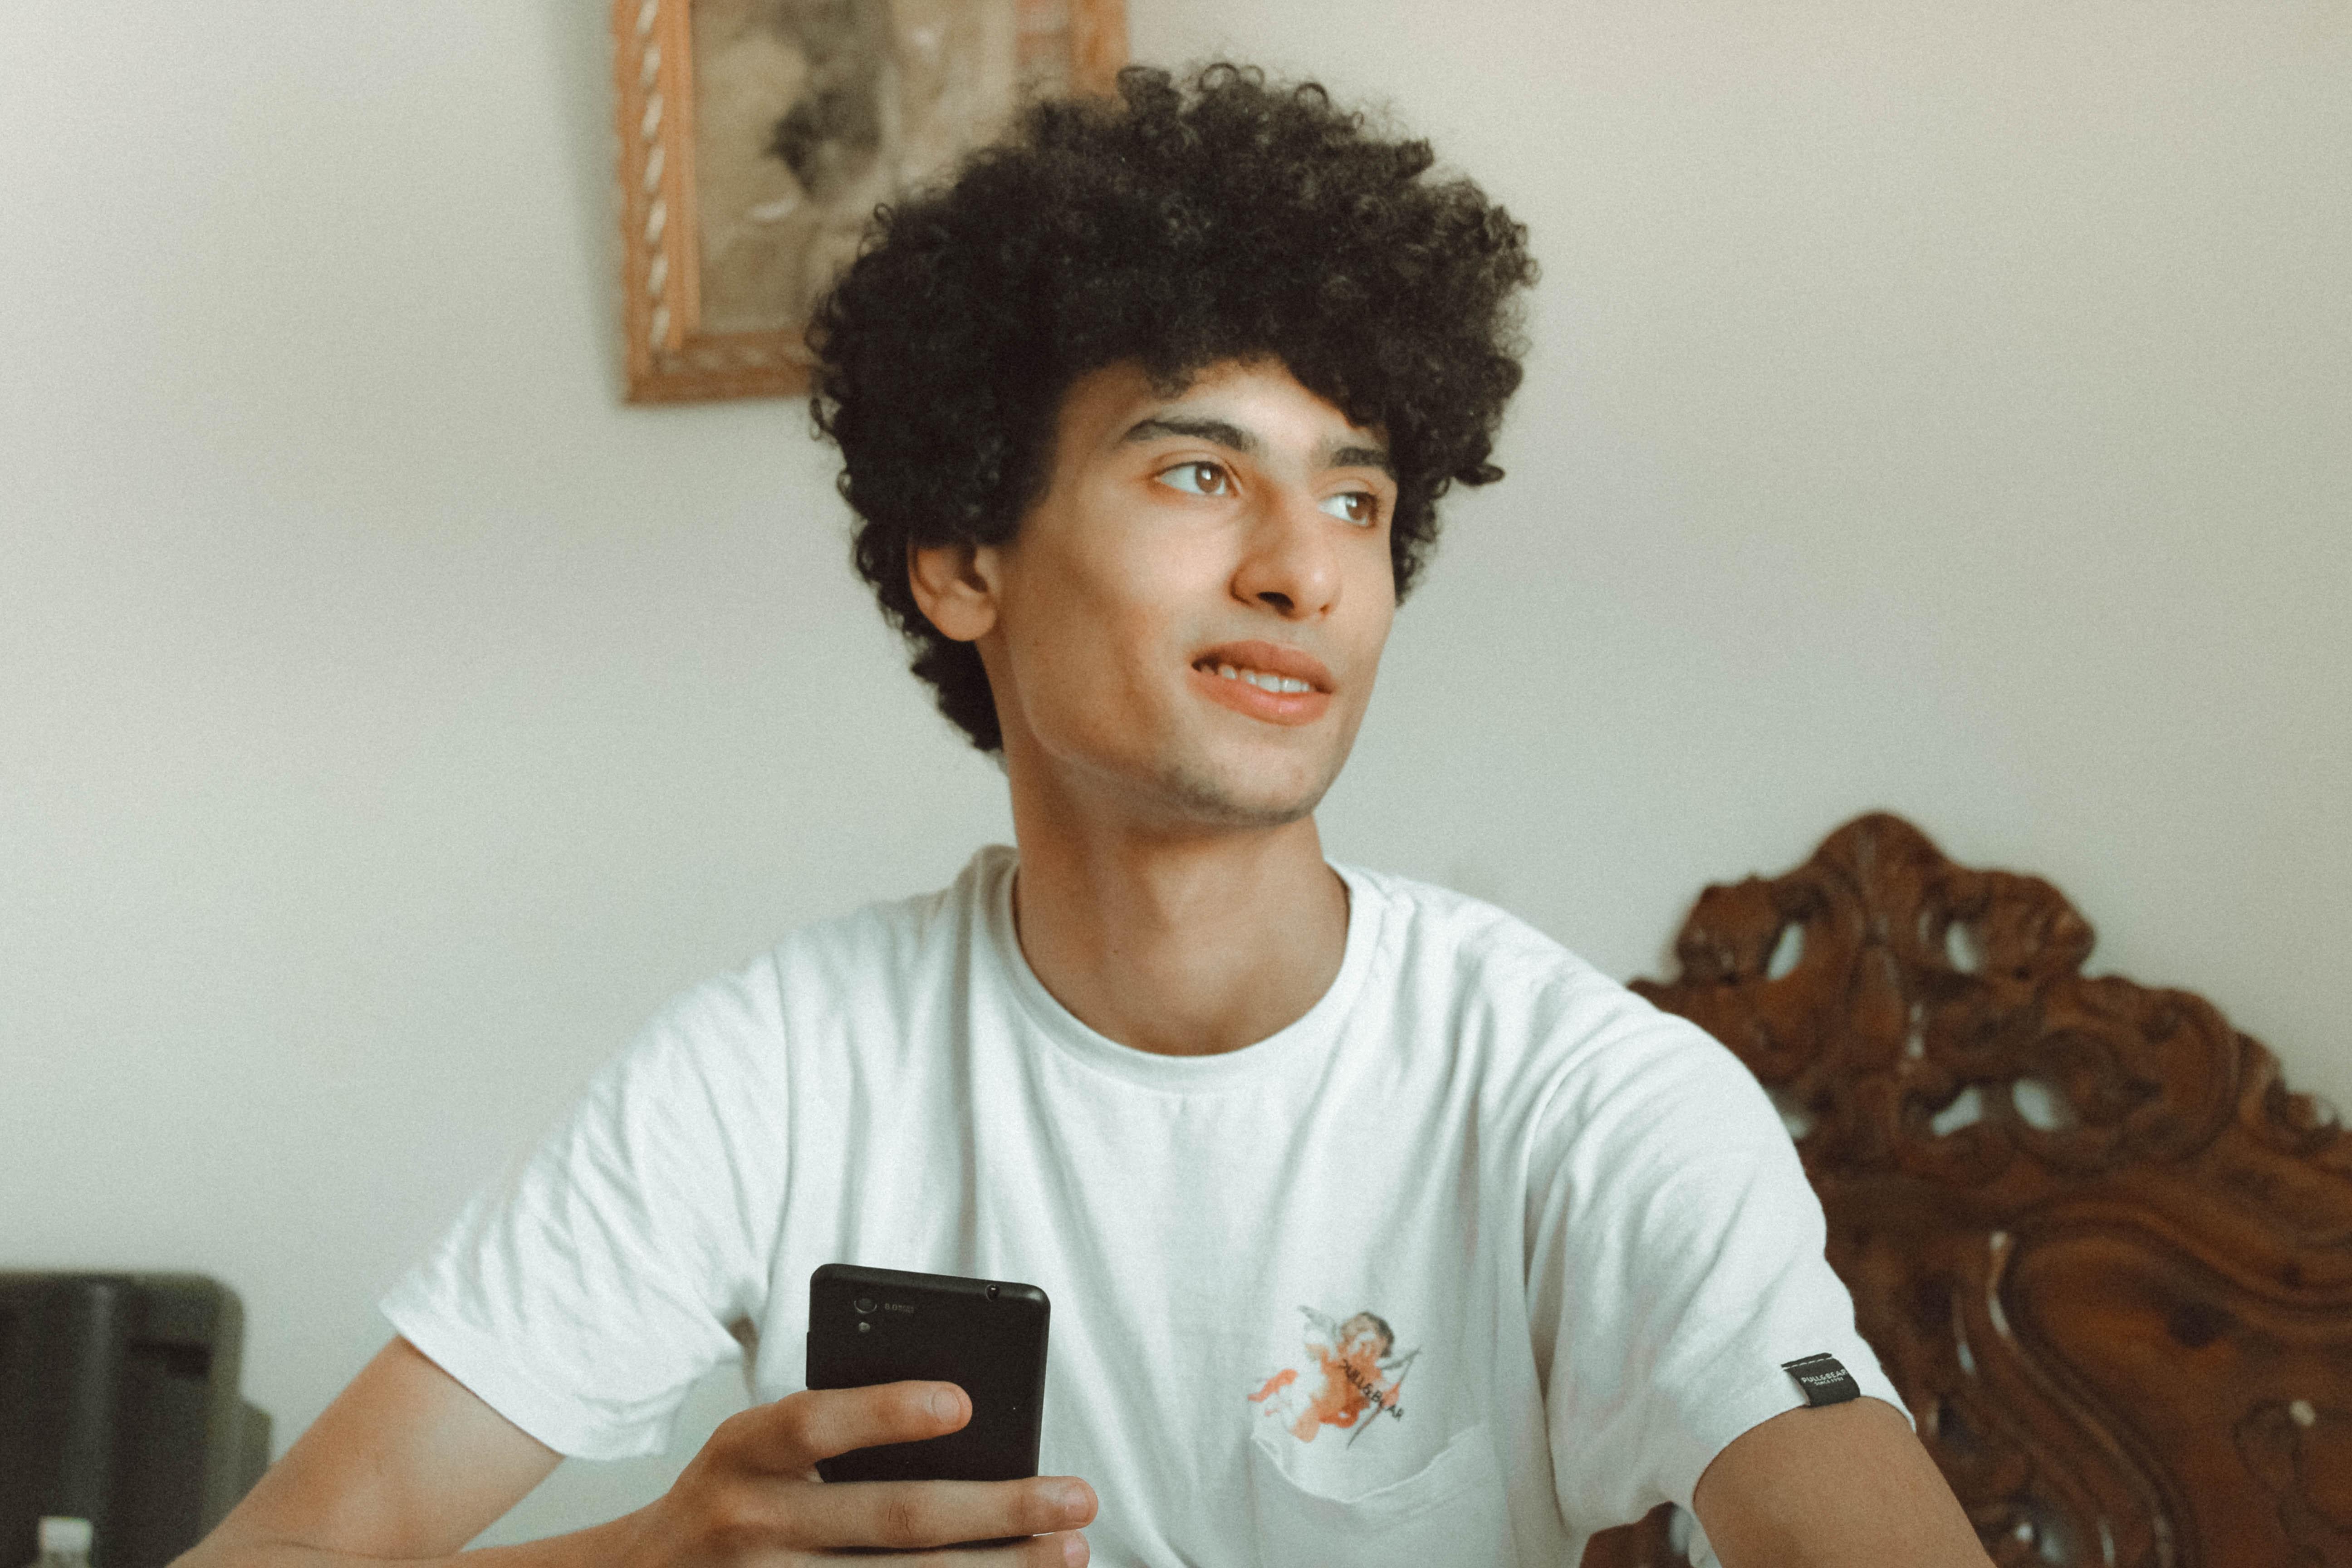 corte de cabelo crespo masculino 5 - 5 cortes de cabelo crespo masculino para se inspirar